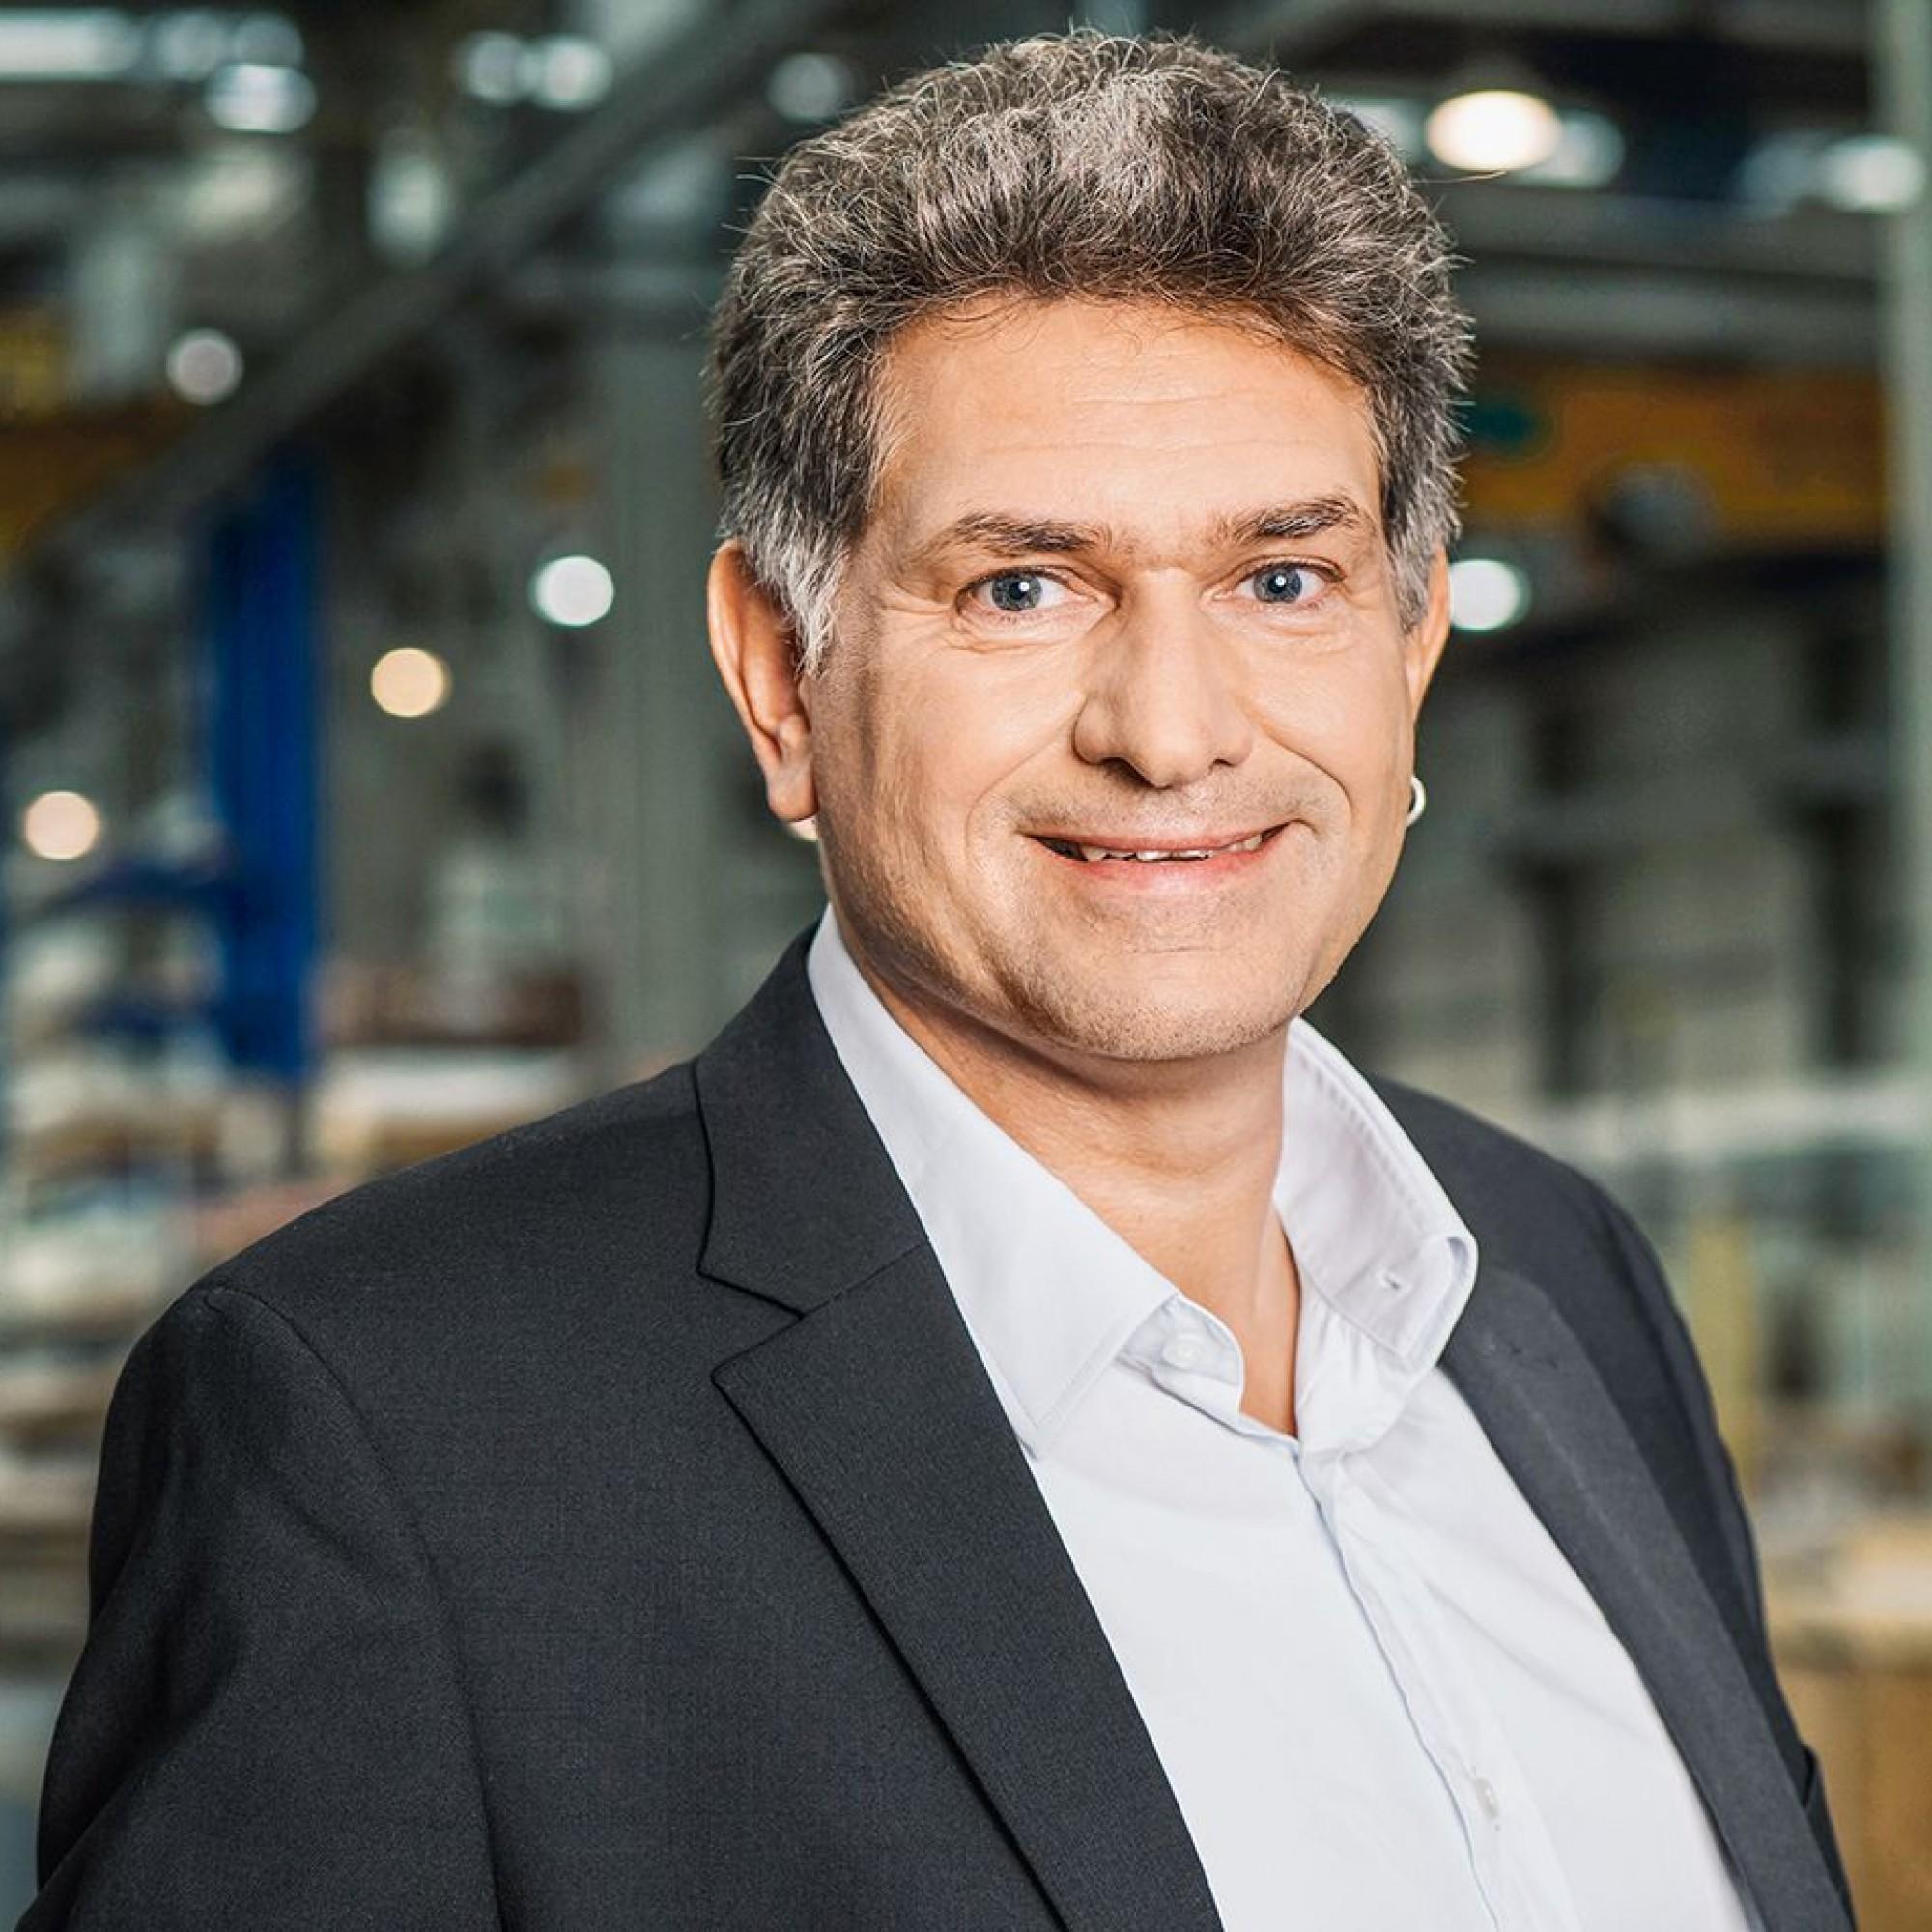 Thomas Wehrle ist Vize-Direktor Spezialbau bei derErneAG Holzbau. Er referiert oft als Experte für Digitalisierungvon Fertigungsprozessen, Robotik und Building Information Modelling.